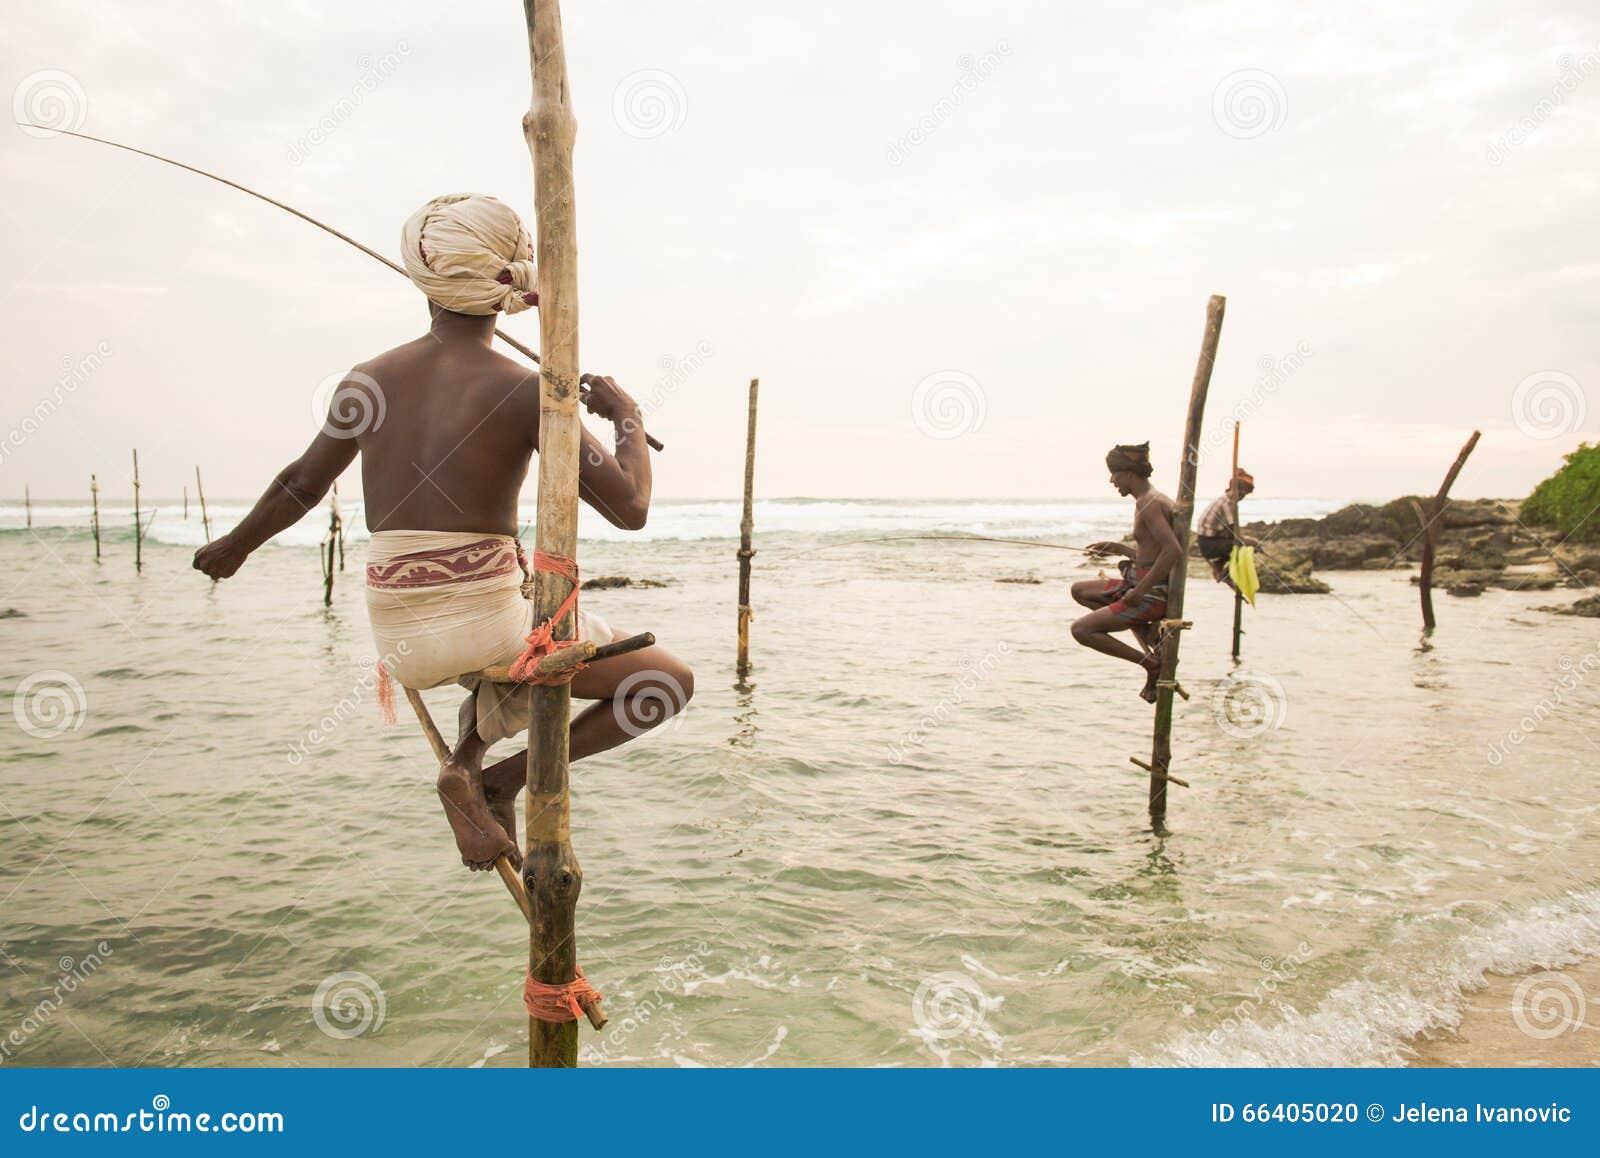 Stilt fisherman in koggala sri lanka editorial image for Fishing in november